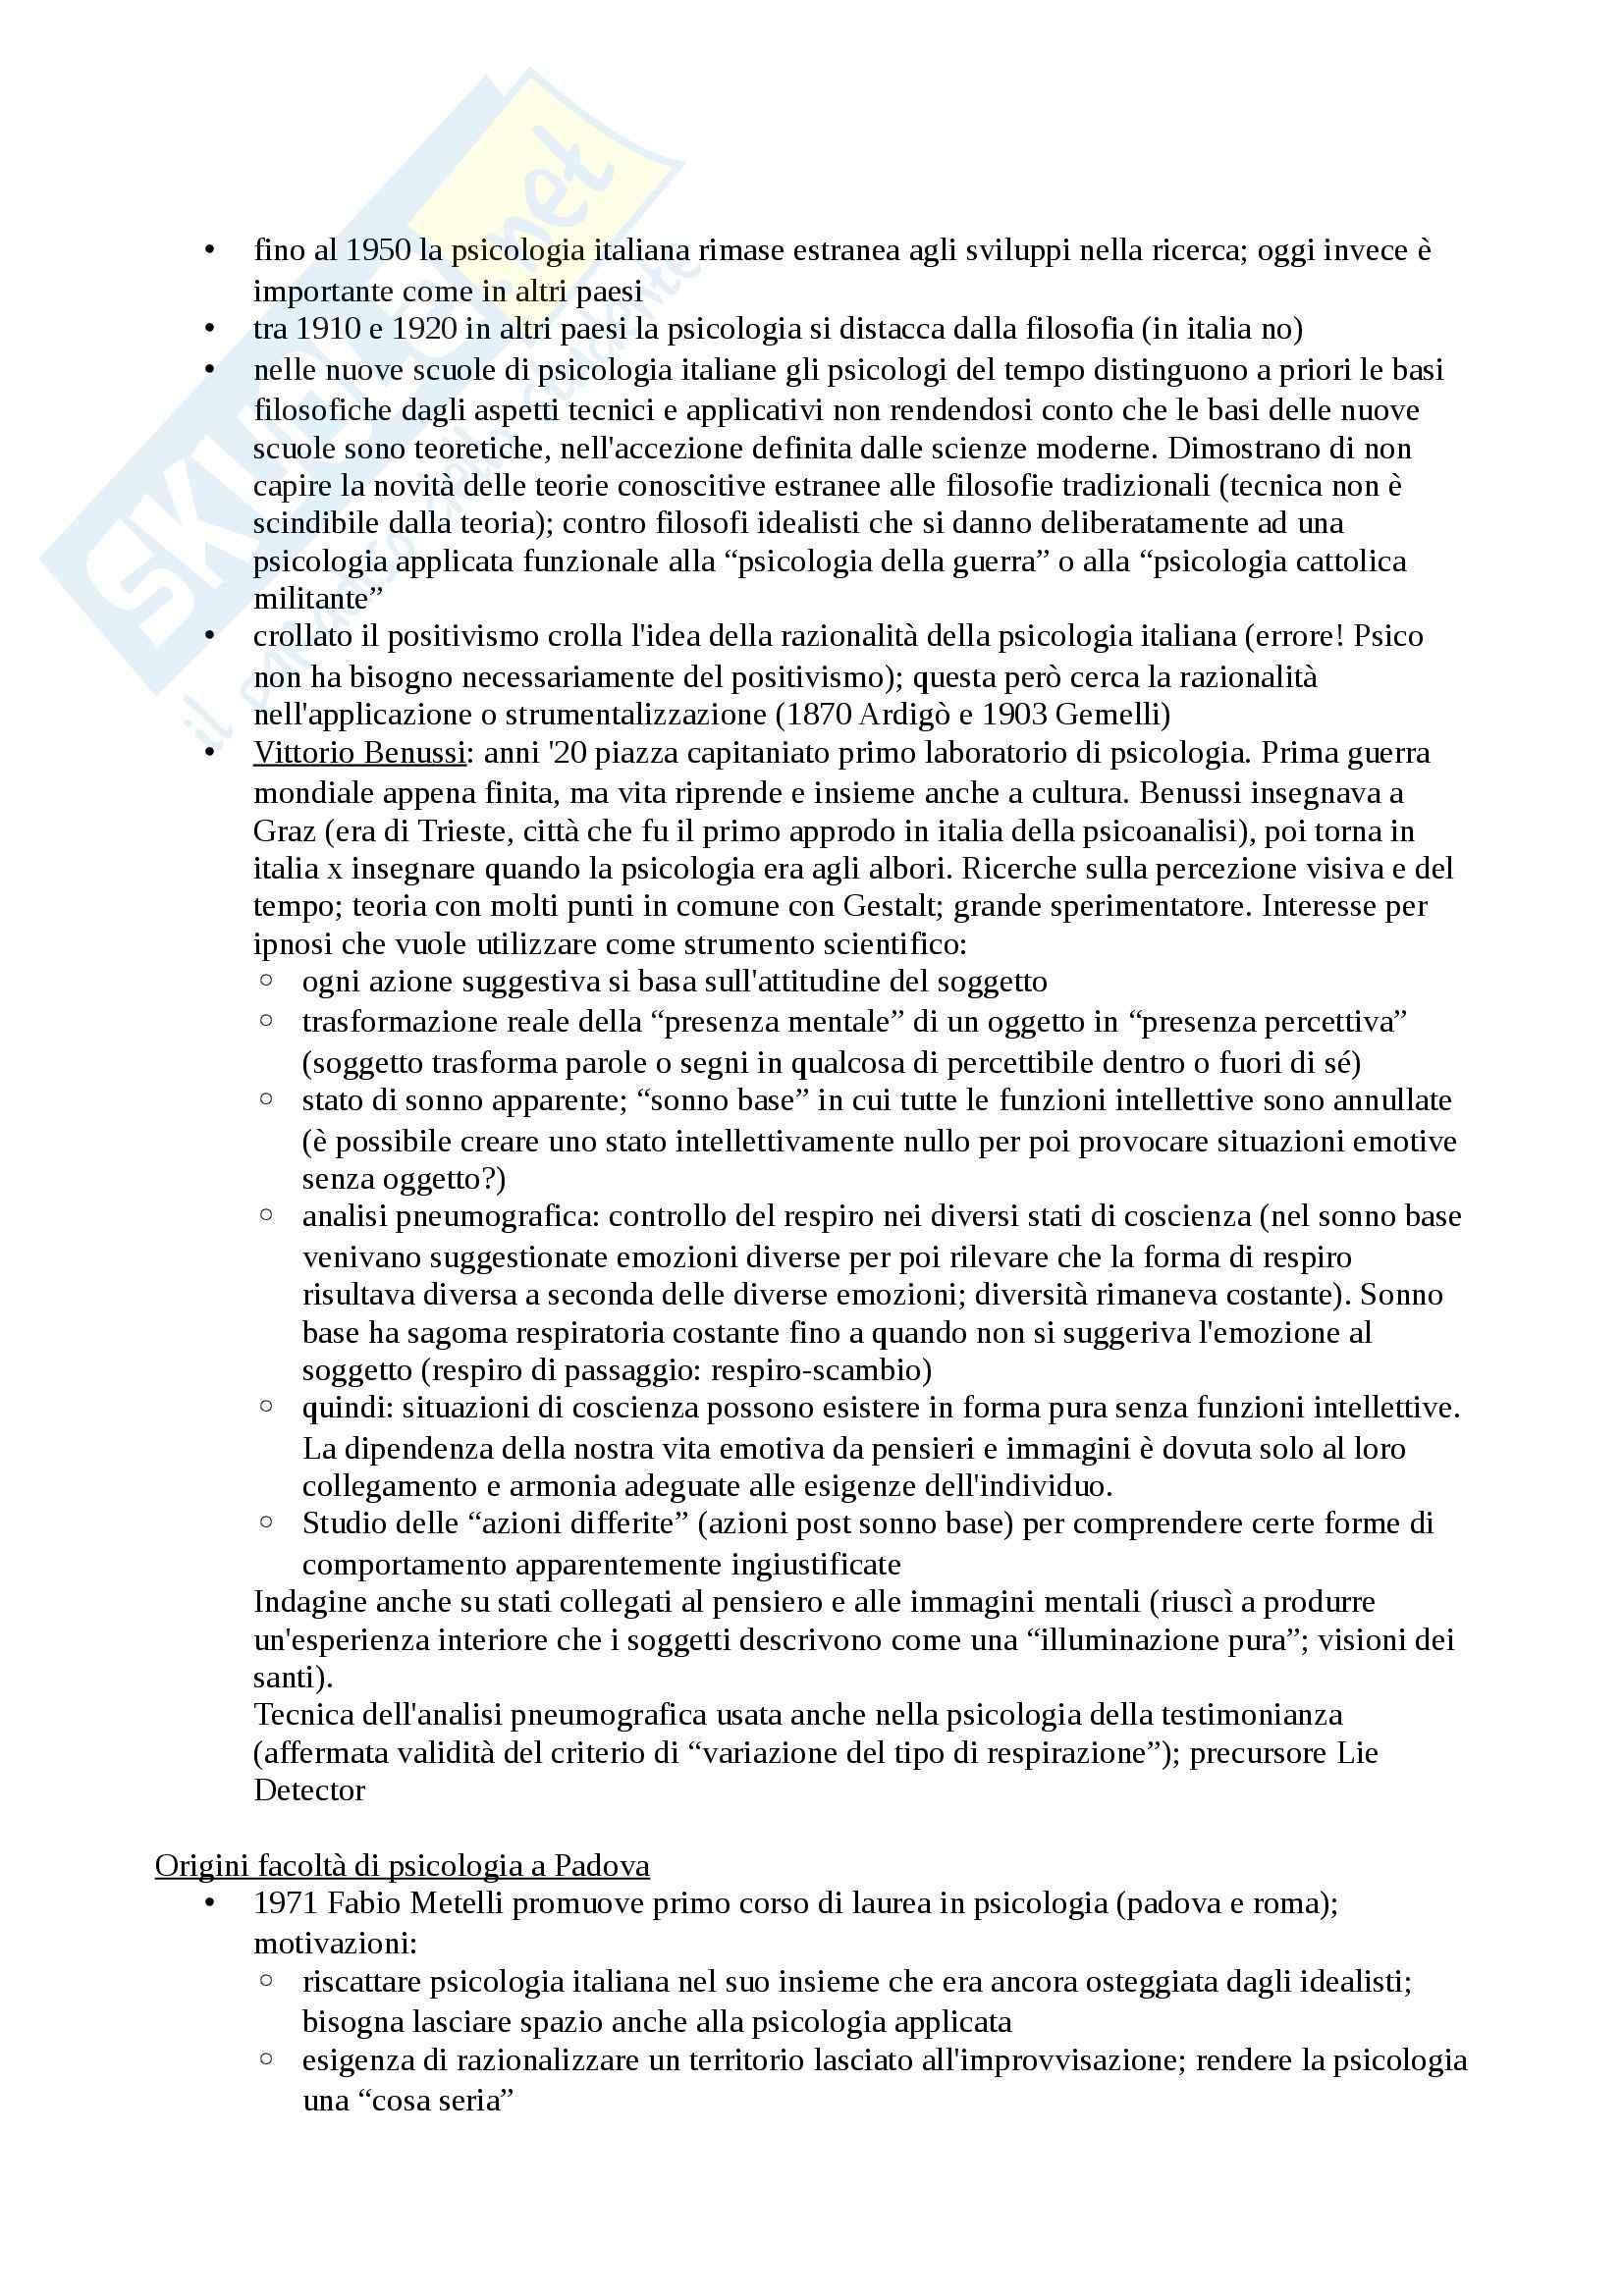 Riassunto esame Psicologia prof. Marhaba, libro consigliato Elementi di base per la storia e l'epistemologia della psicologia: la nascita e lo sviluppo della psicologia